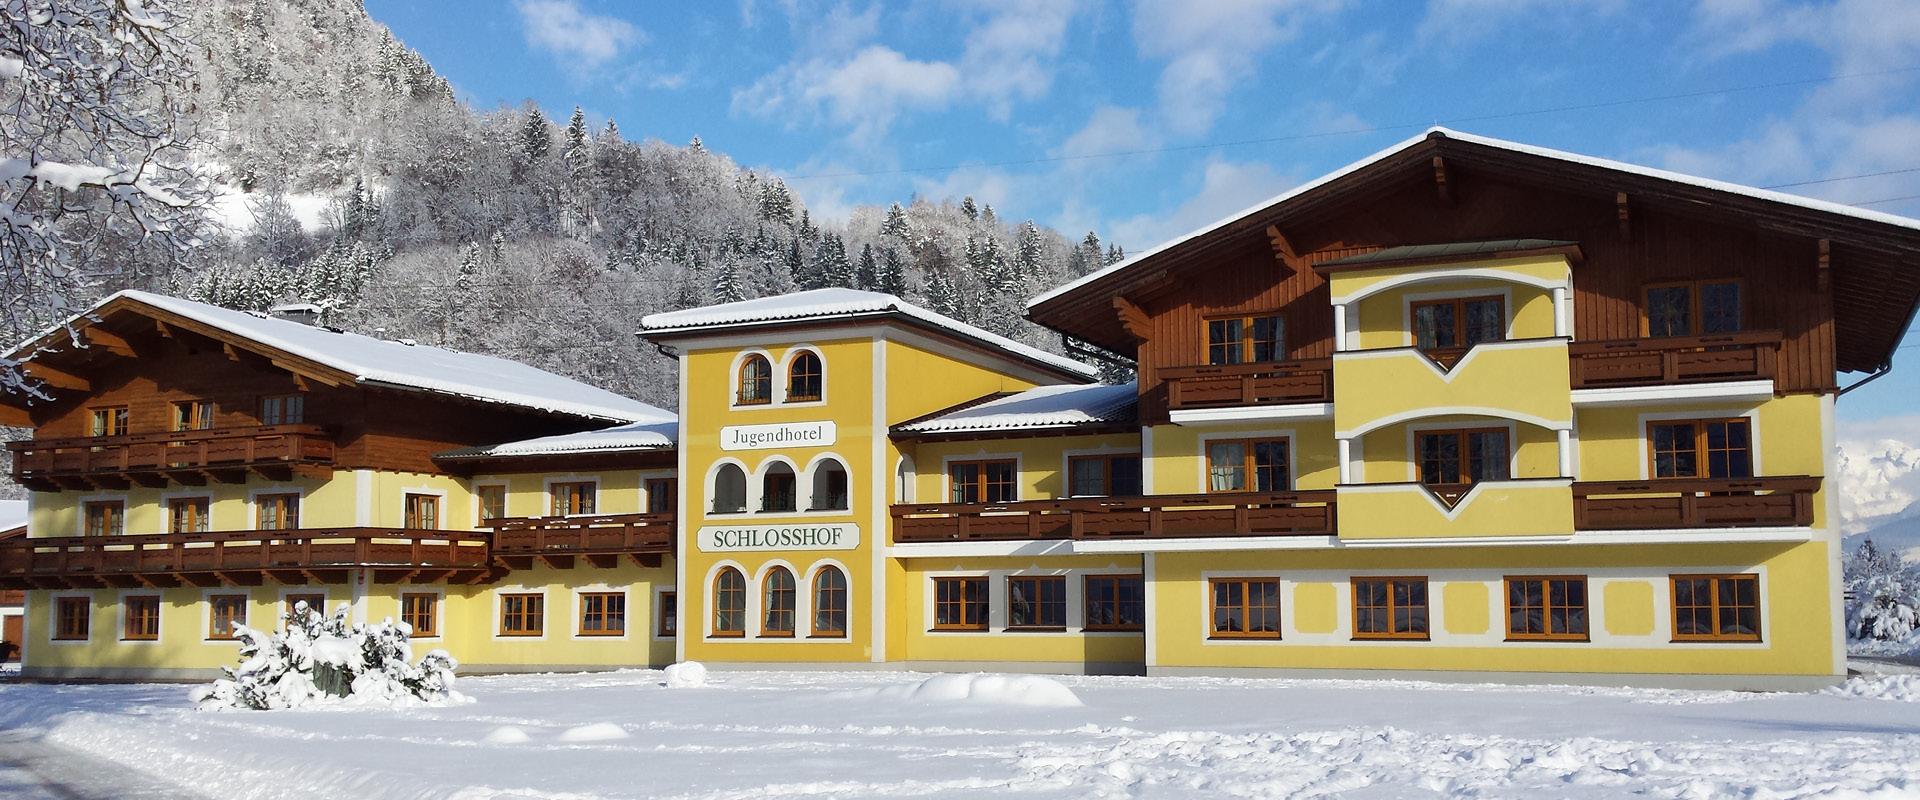 Schlosshof buiten